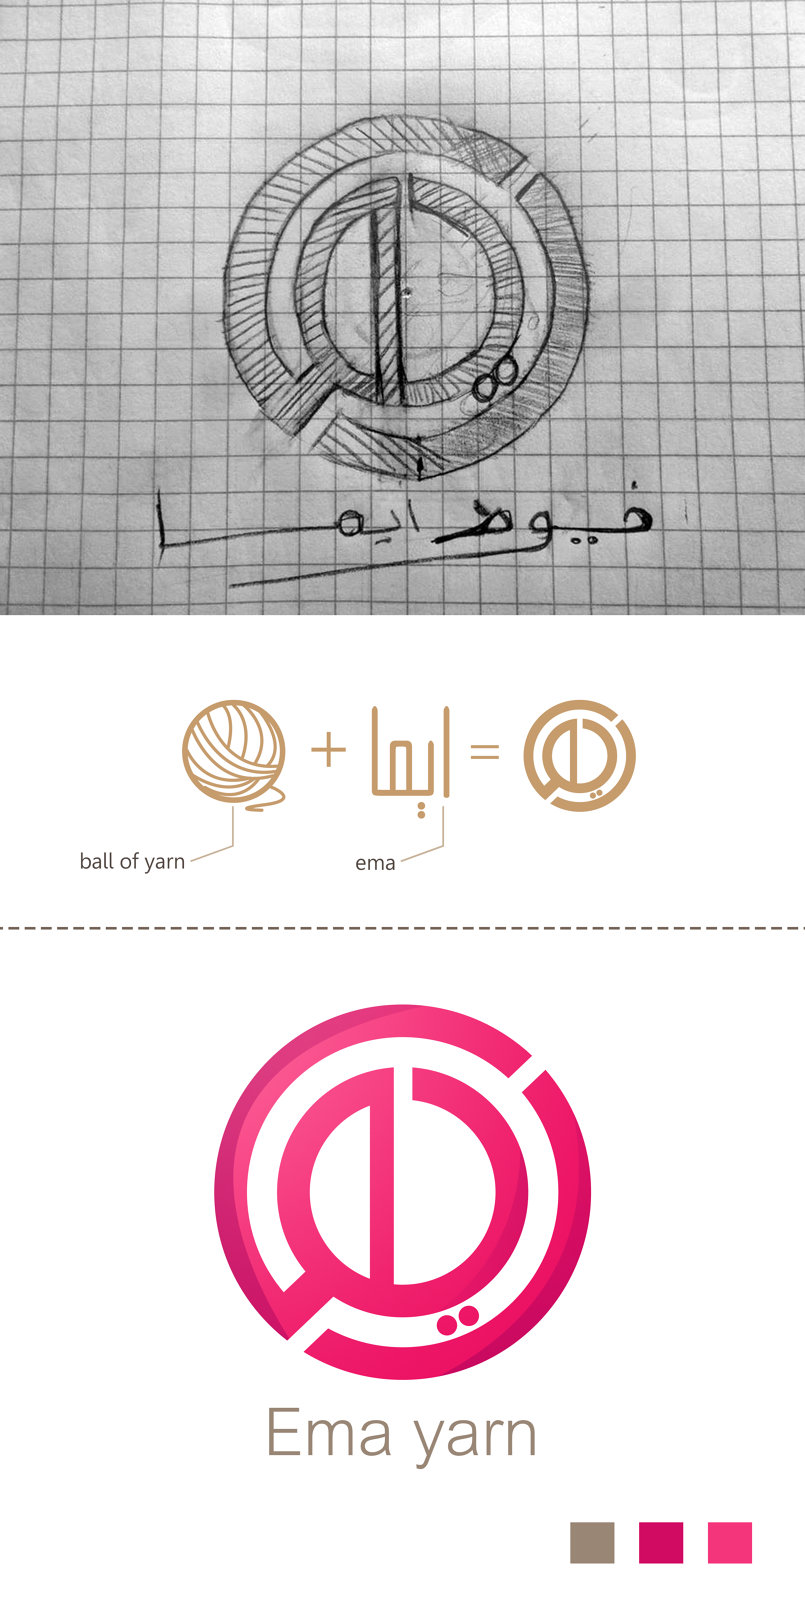 ema yarn logo